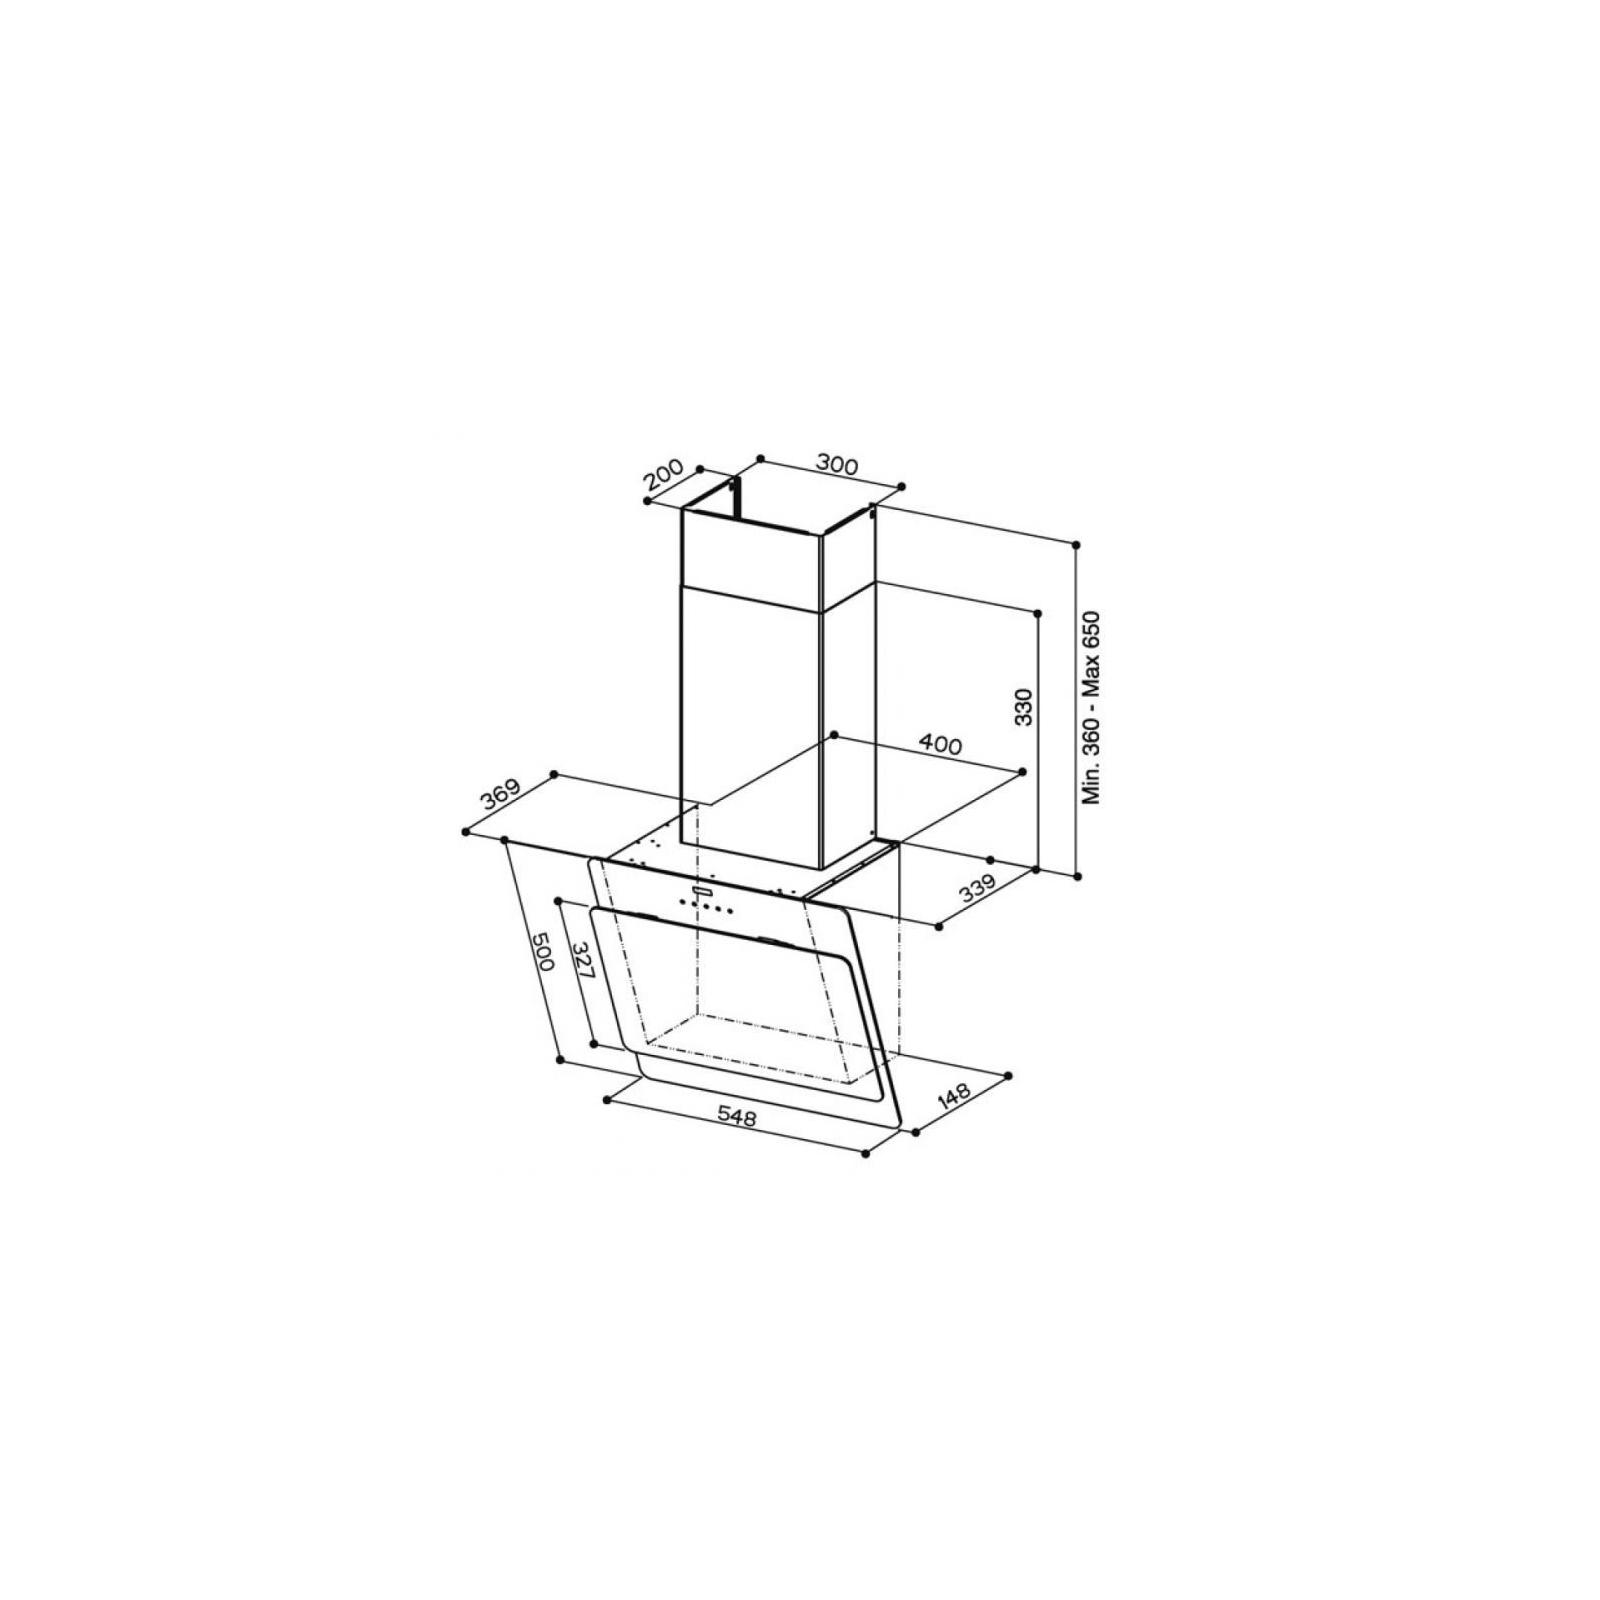 Вытяжка кухонная Faber COCKTAIL ALMOND F55 изображение 2